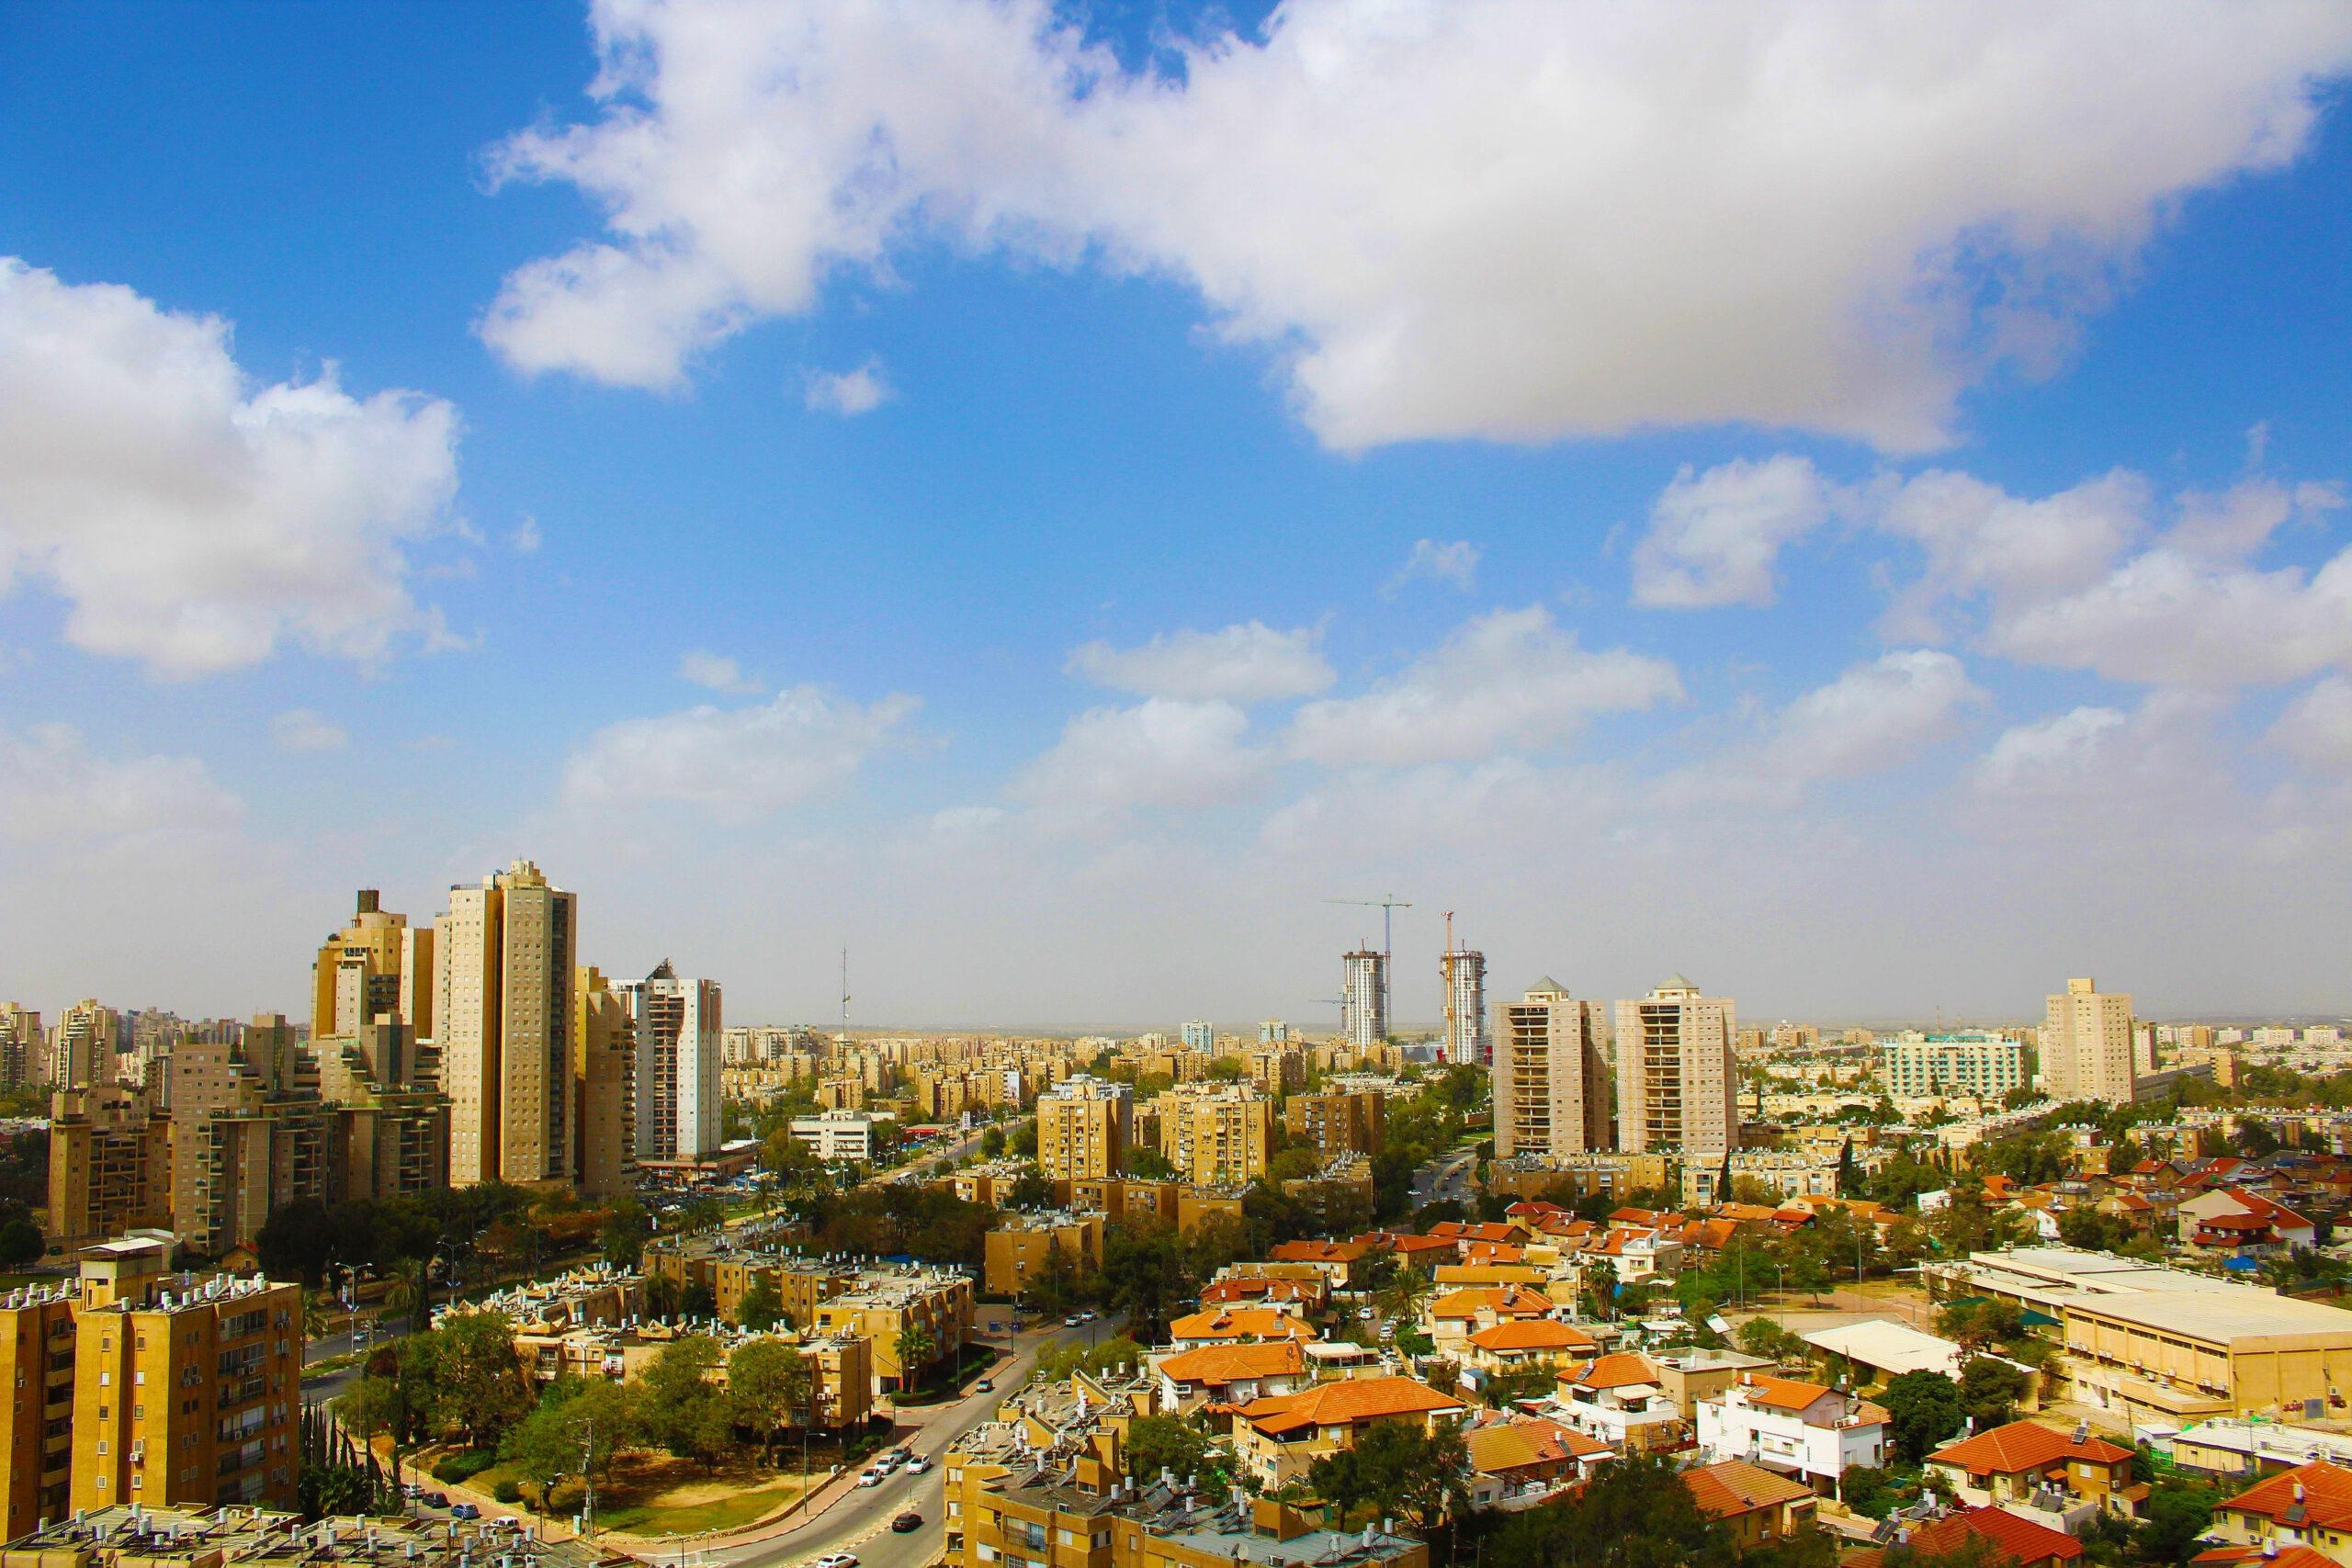 דירות להשקעה בבאר שבע 2021: השכונות המבוקשות ביותר